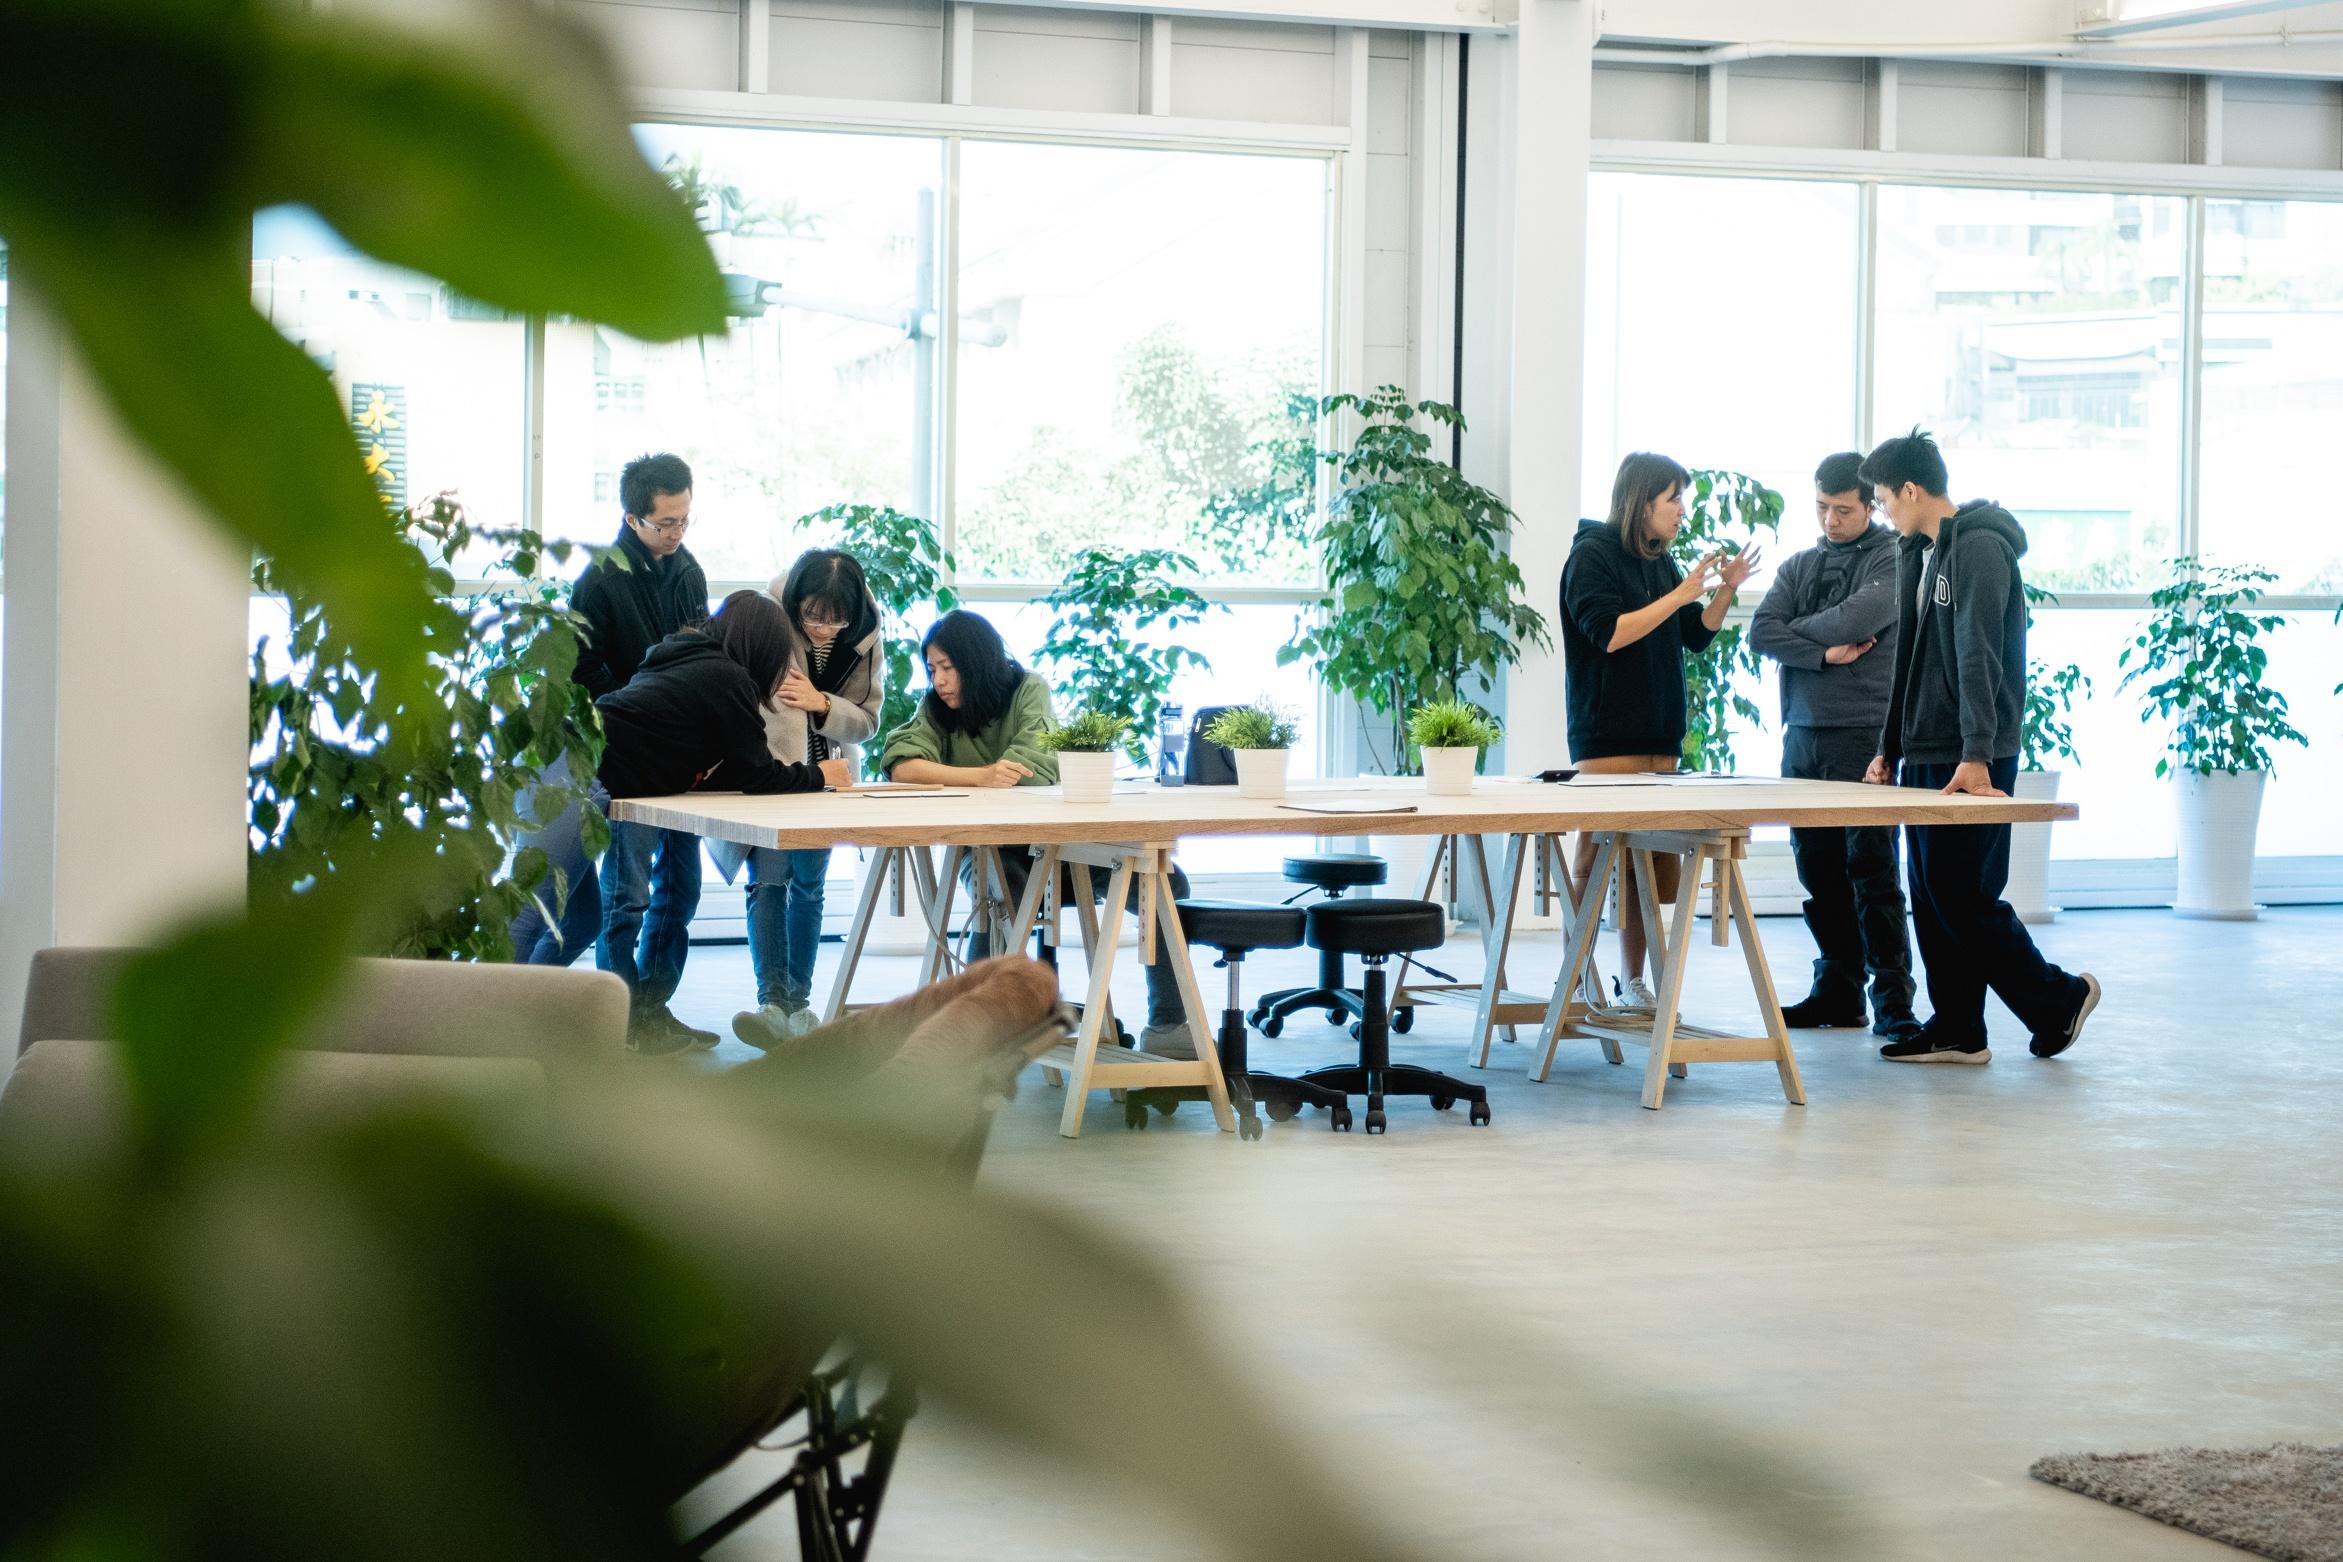 德築-DEZU-Zutian-interior-renovation-experience-7